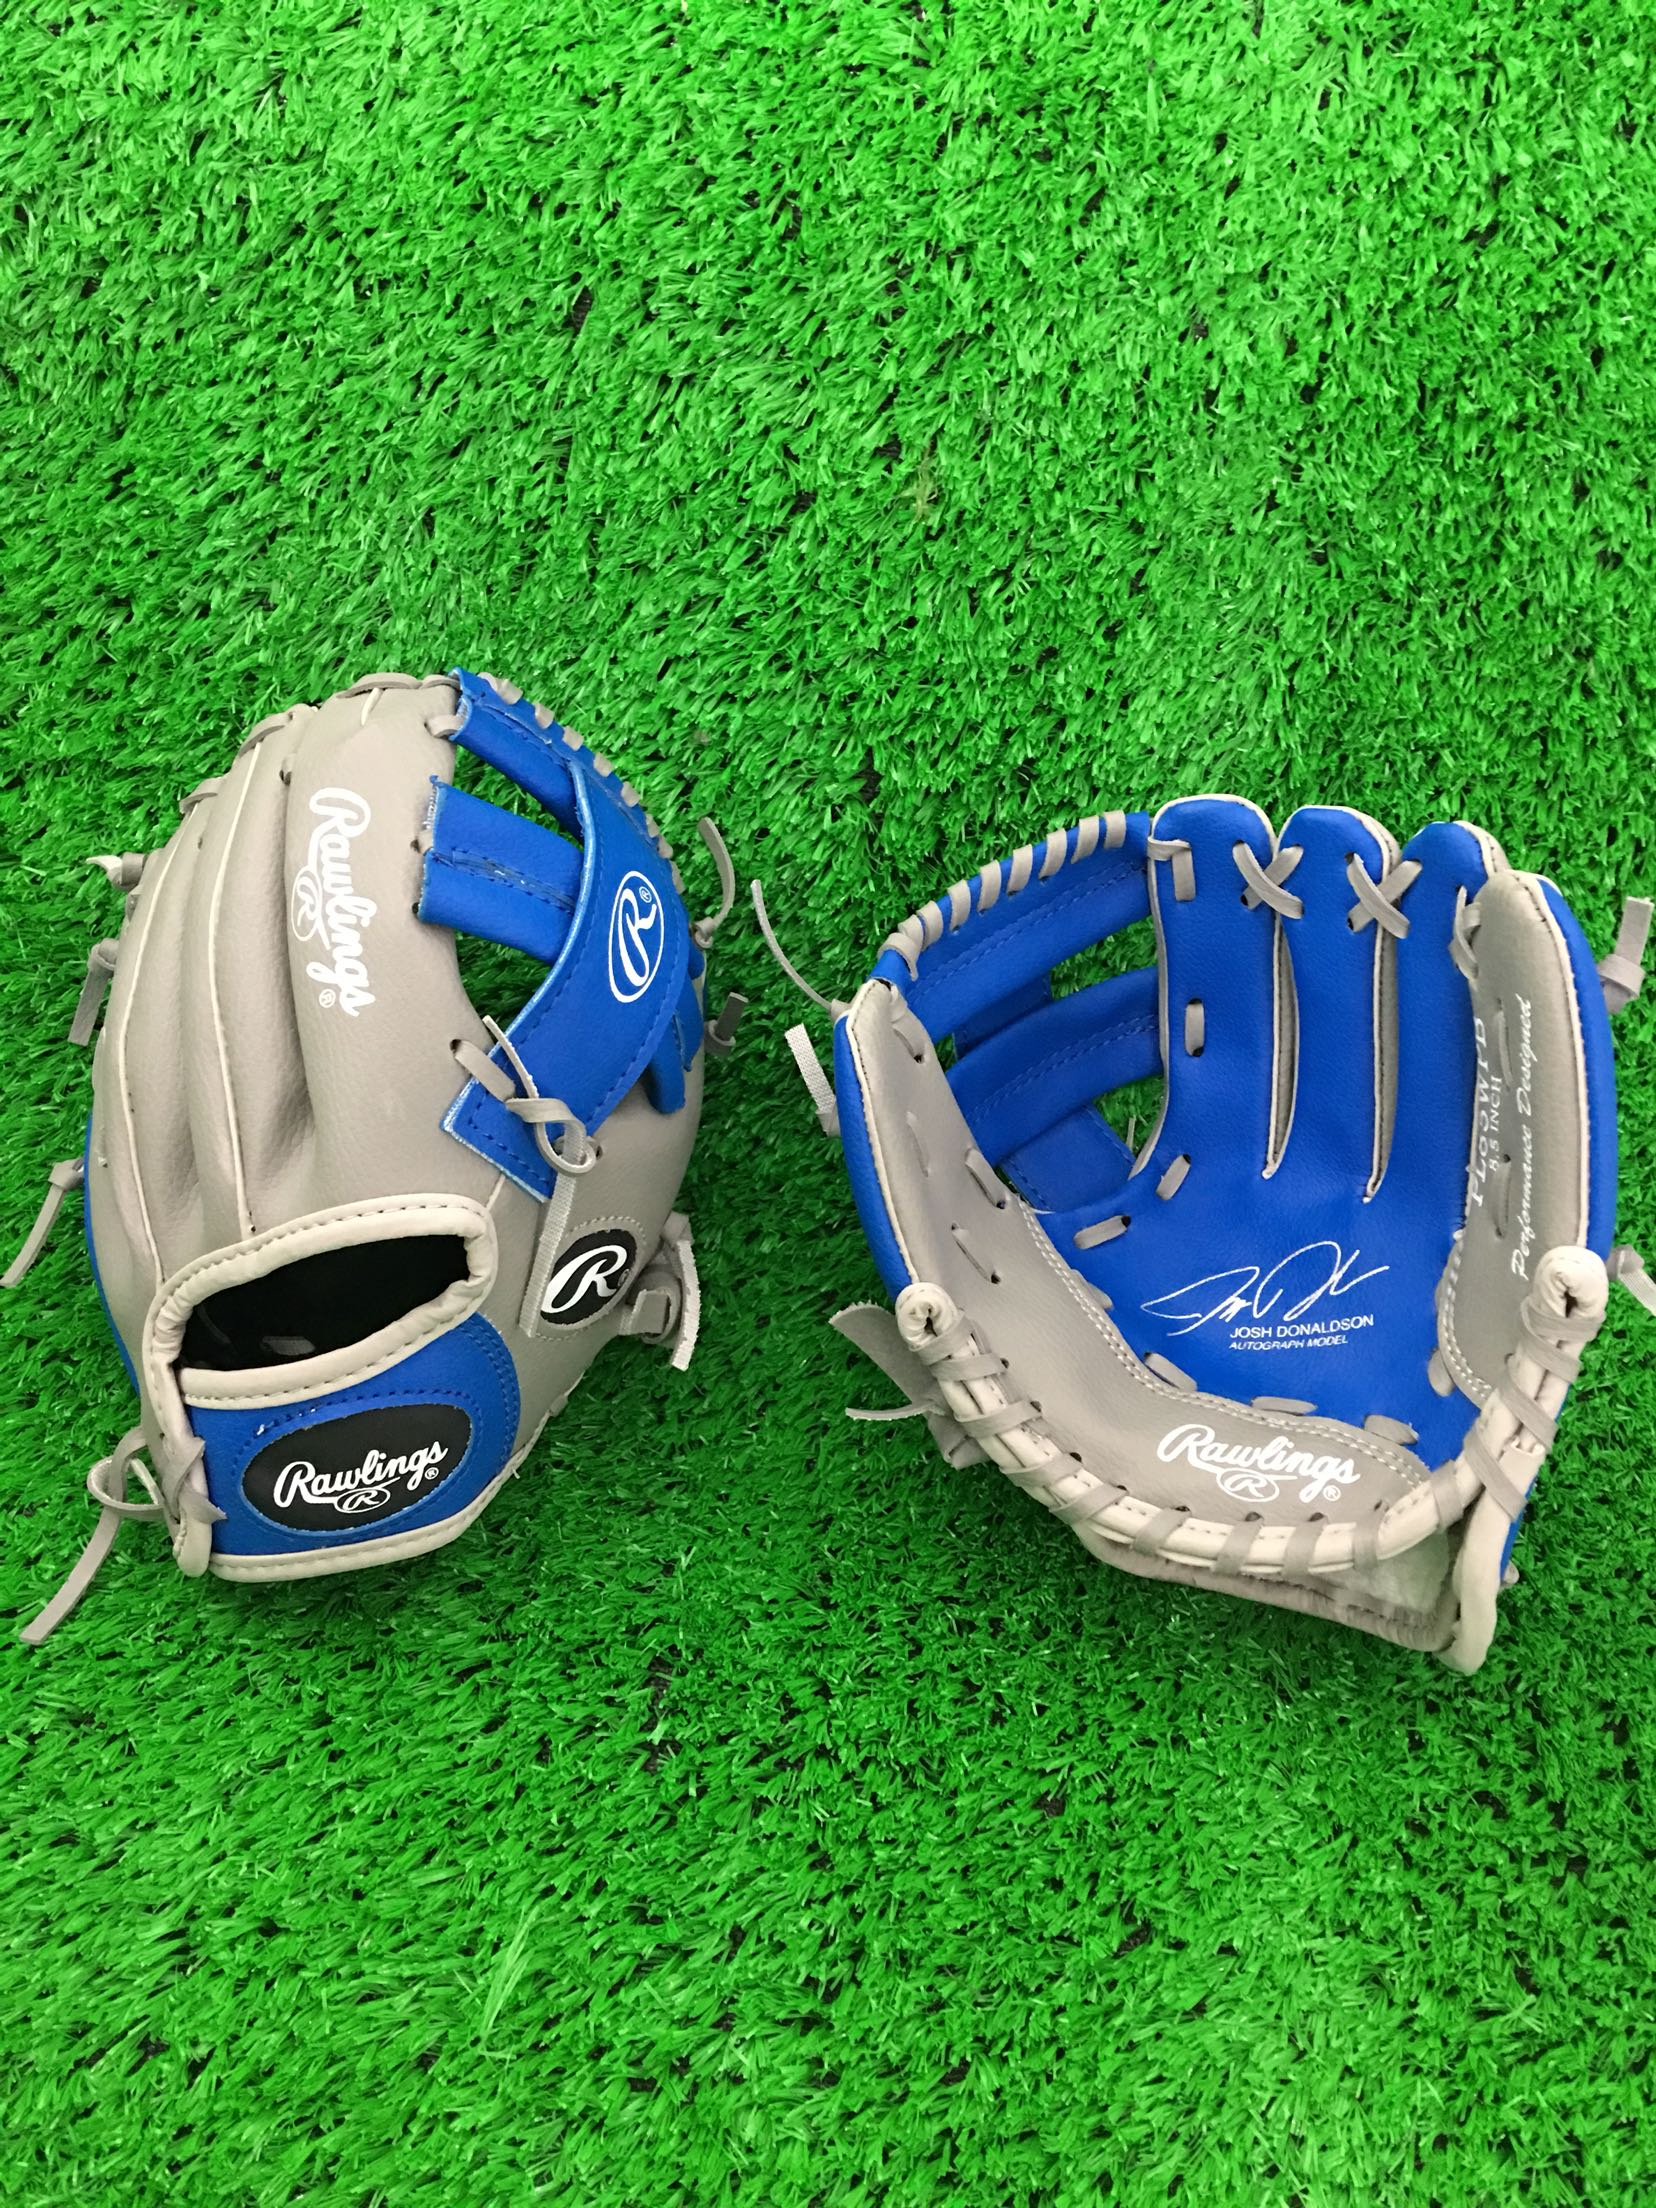 Бейсбол душа бейсбол перчатки копия pu синтез мягкий кожа ребенок ребенок молодой ребенок использование 8.5 дюймовый rawlings